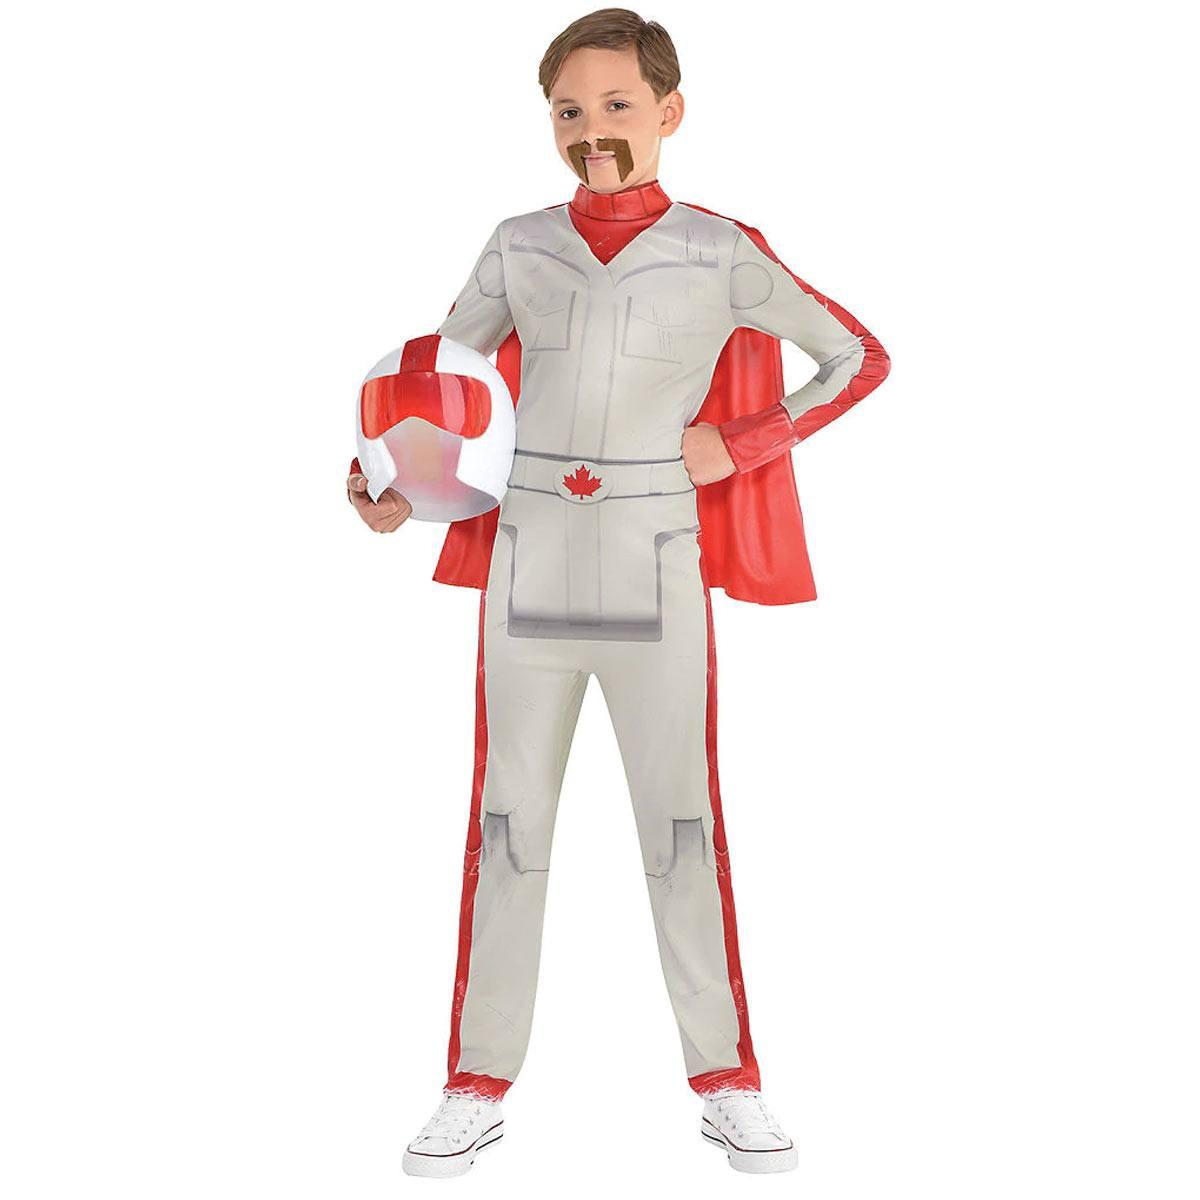 ディズニー トイストーリー デュークカブーン コスプレ コスチューム 子供服 なりきり ハロウィン デューク・カブーン ディズニー公式 Disny Toy Story